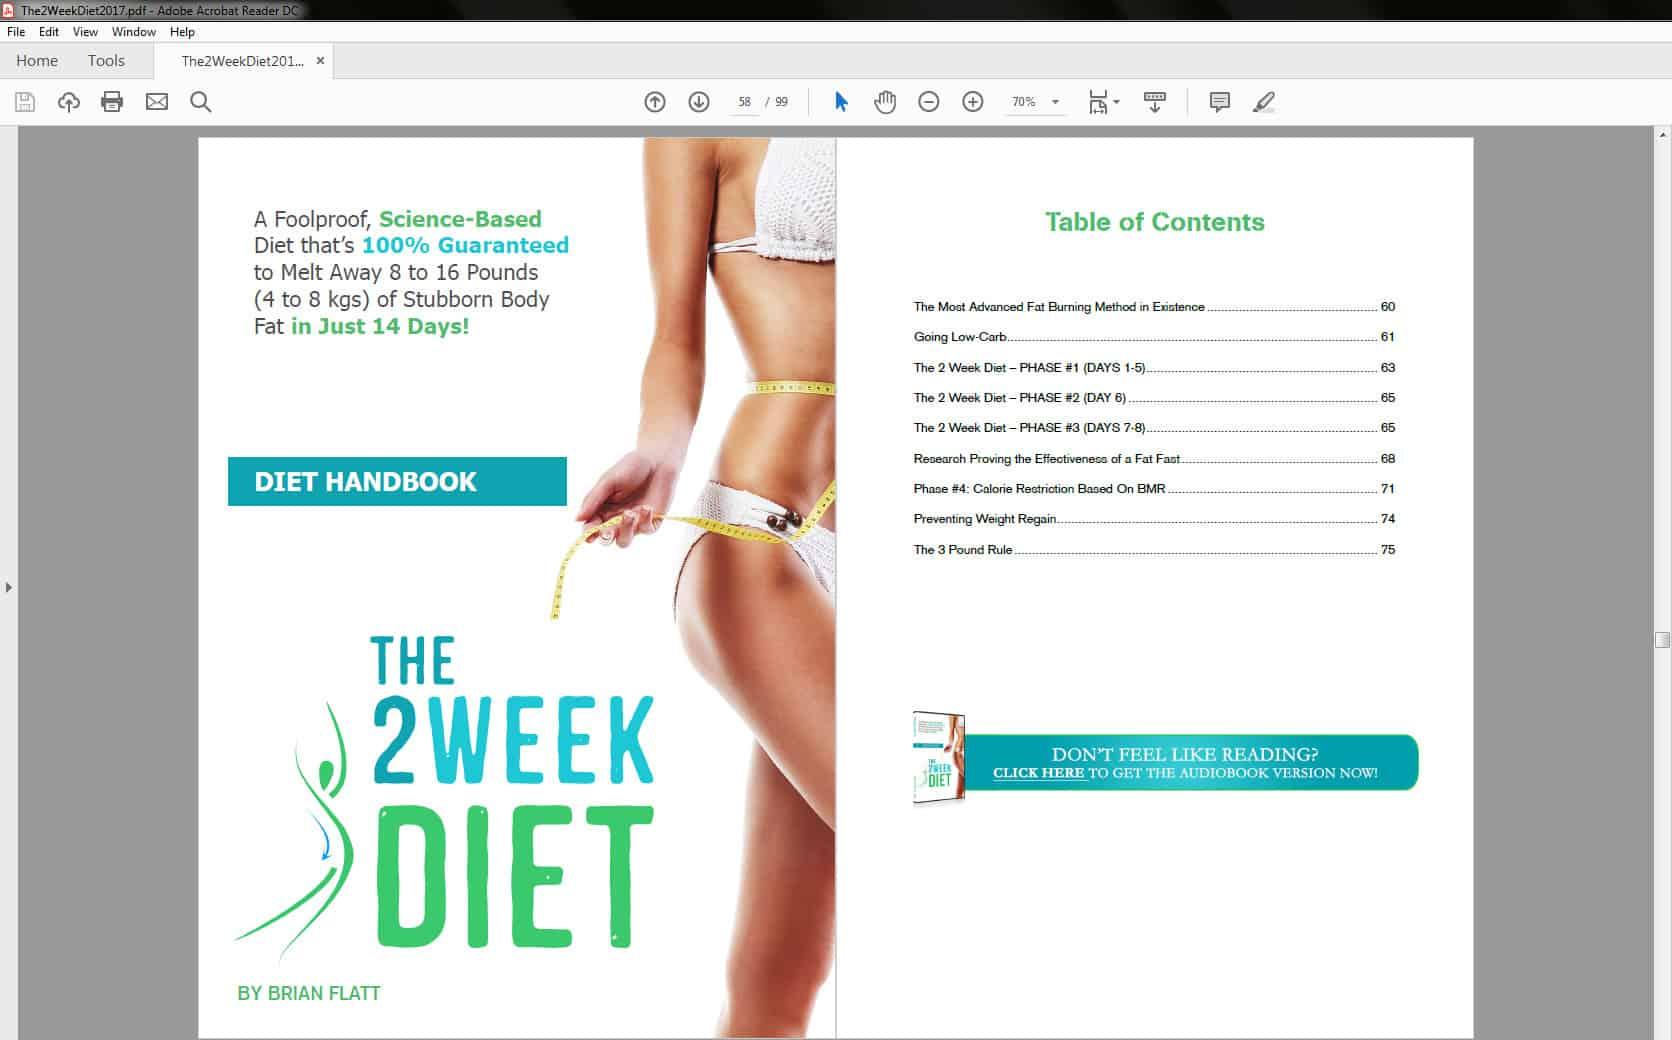 Diet Handbook Table of Contents